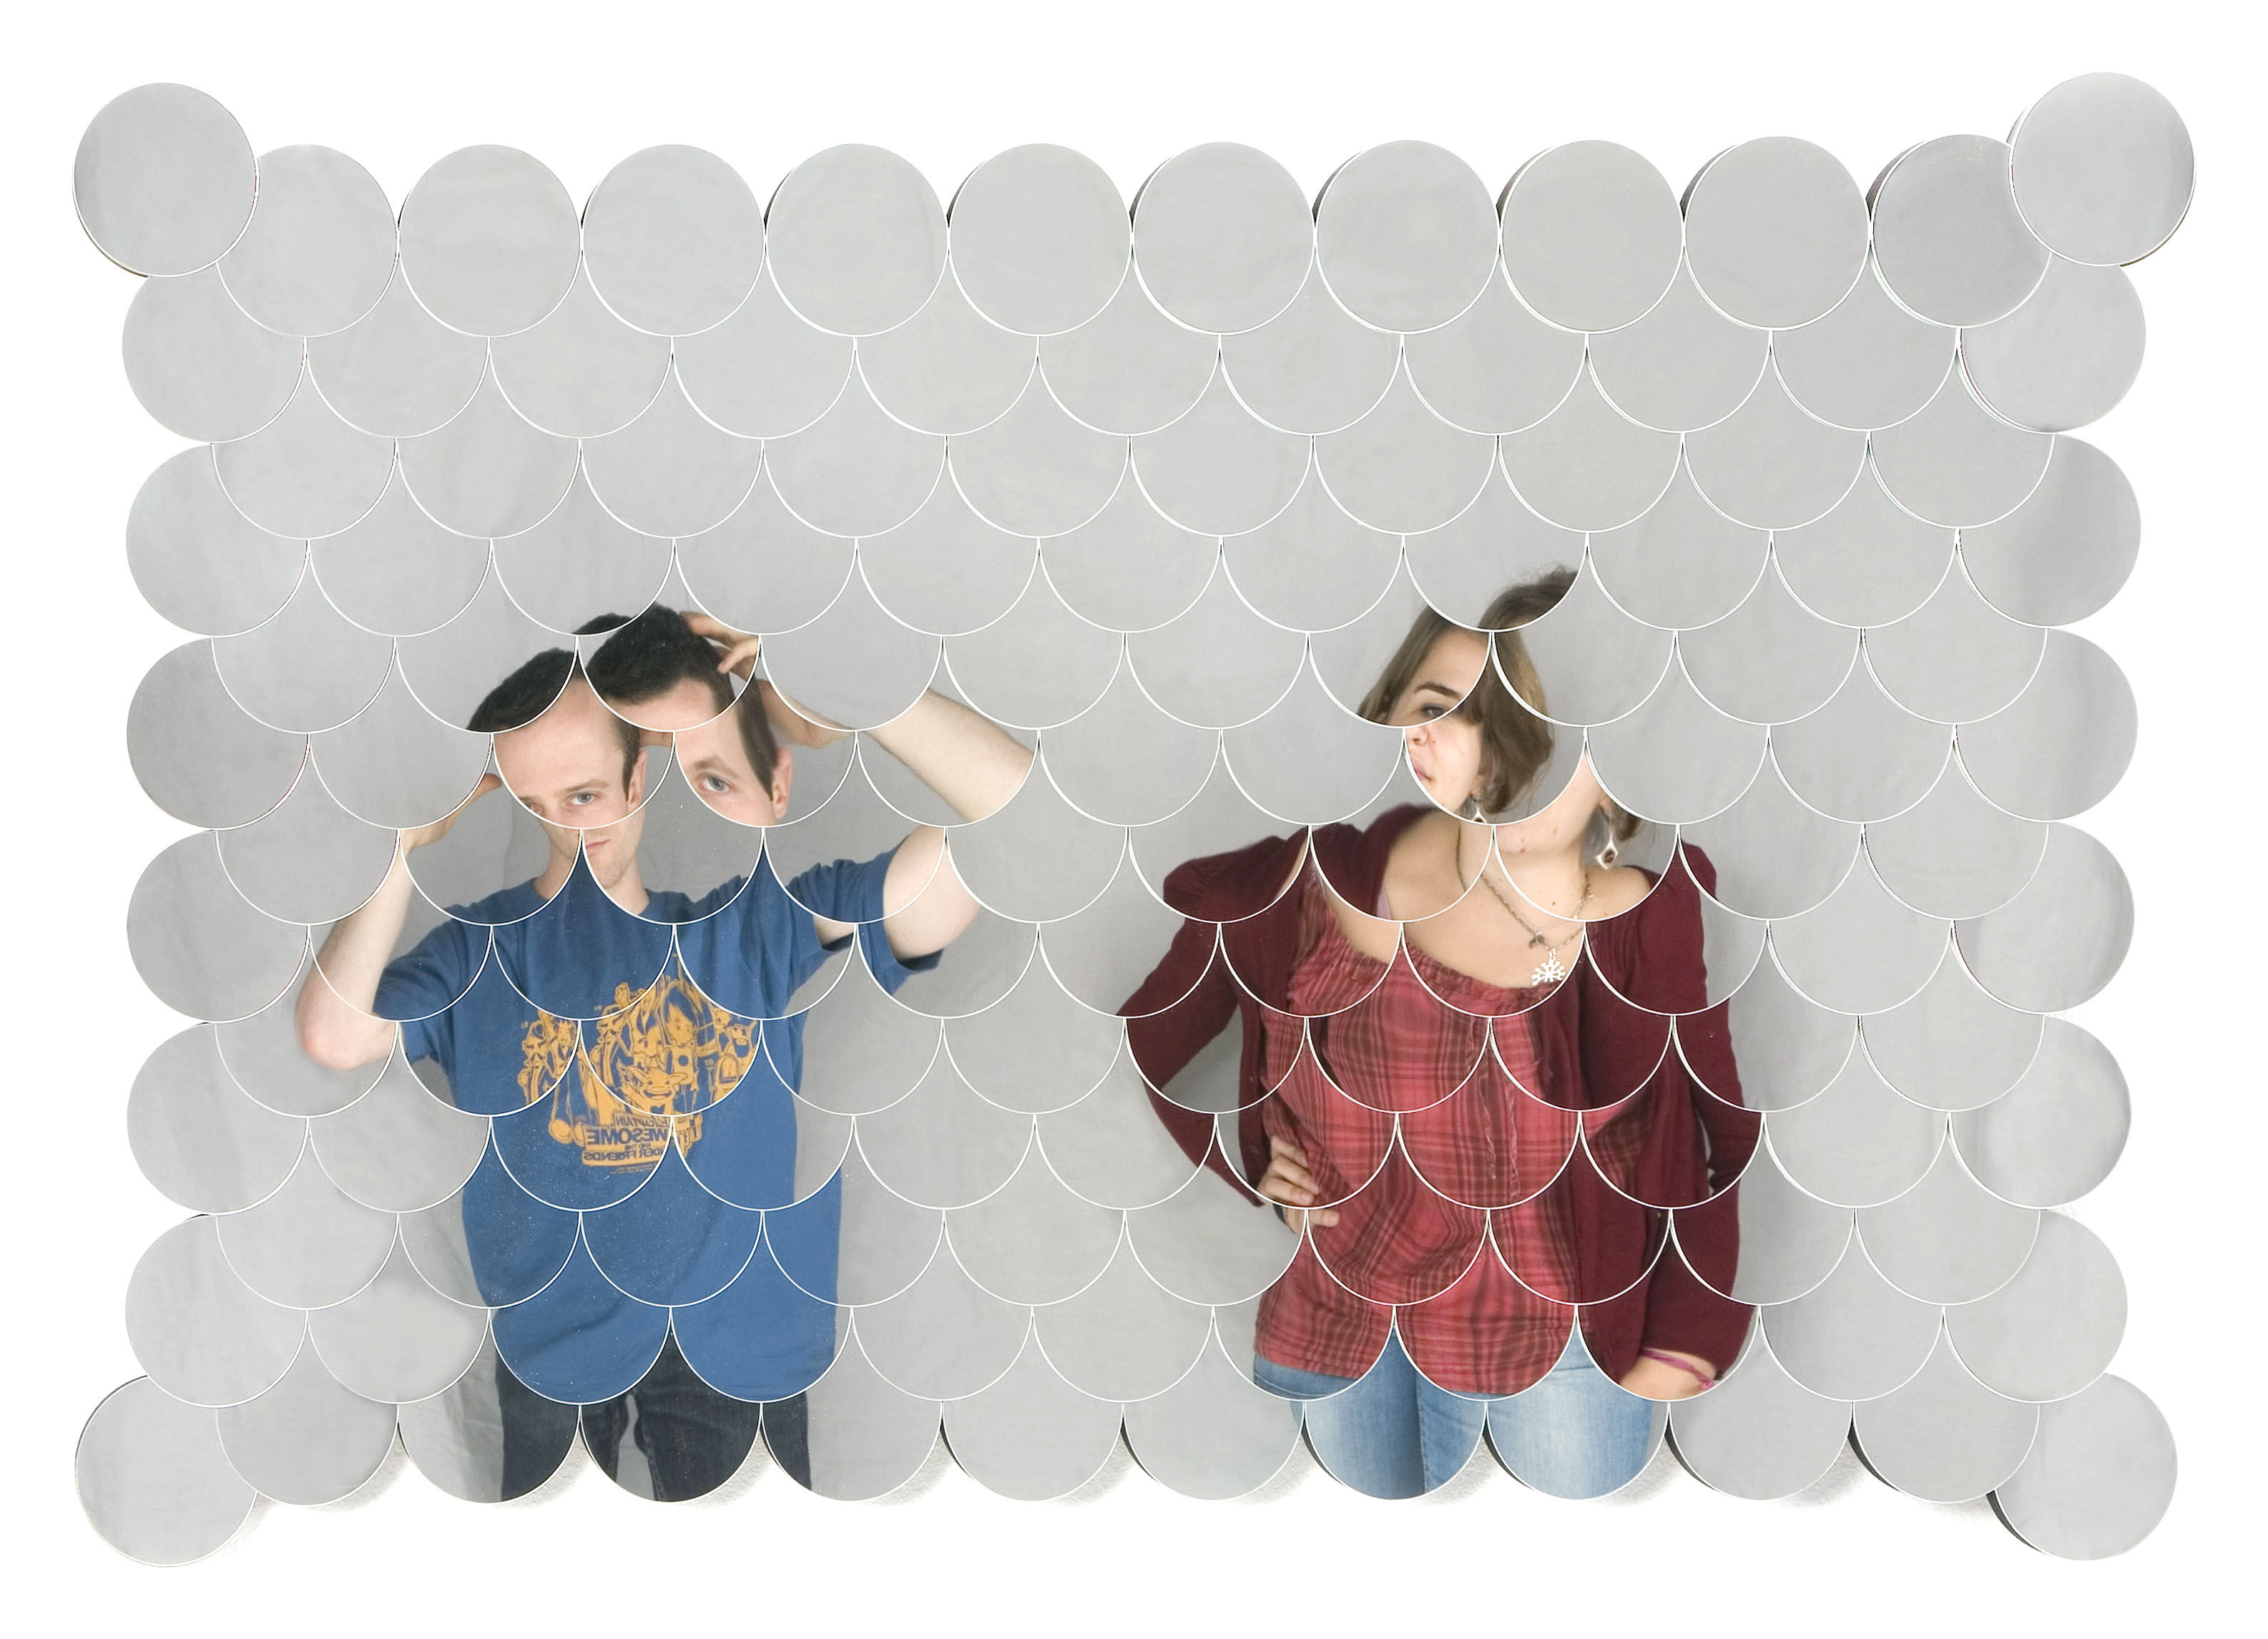 Möbel - Spiegel - Sirène Wandspiegel kleine Ausführung - B 104 x H 69 cm - Tsé-Tsé - Kleine Ausführung - 104 x 69 cm - Glas